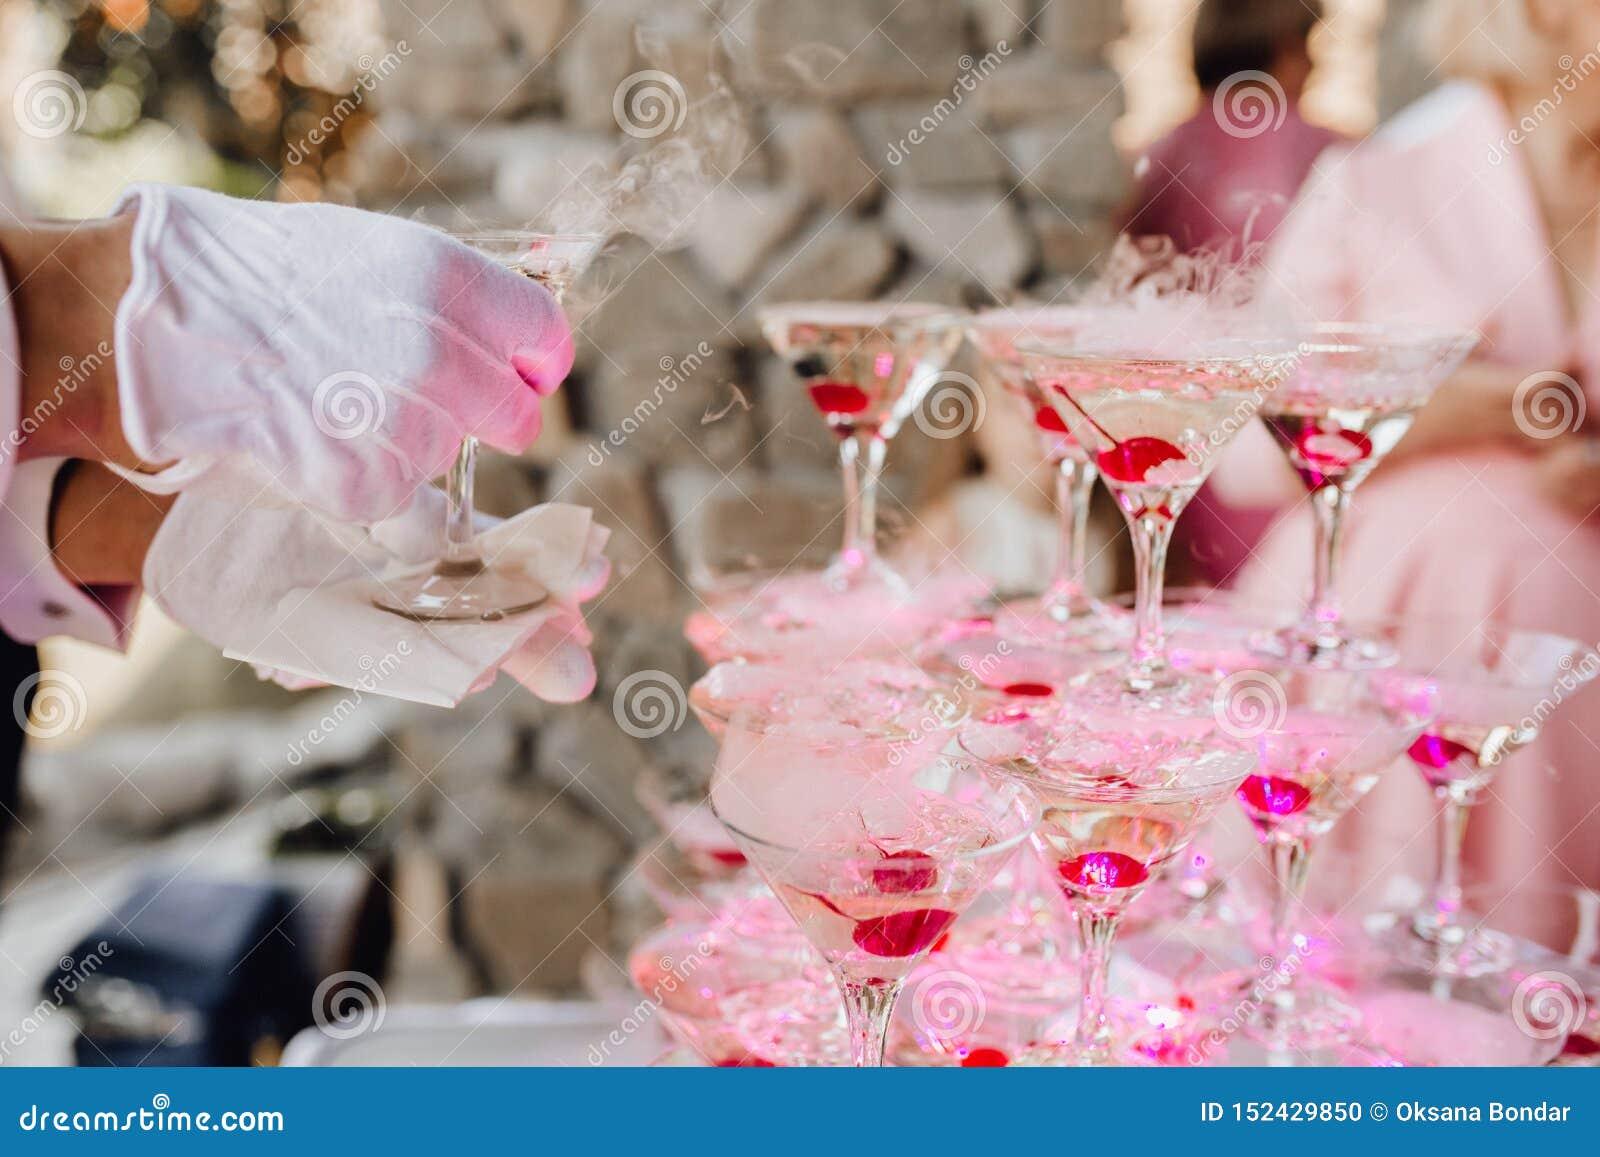 A mão na luva pôs Champagne Glass Pyramid Catering